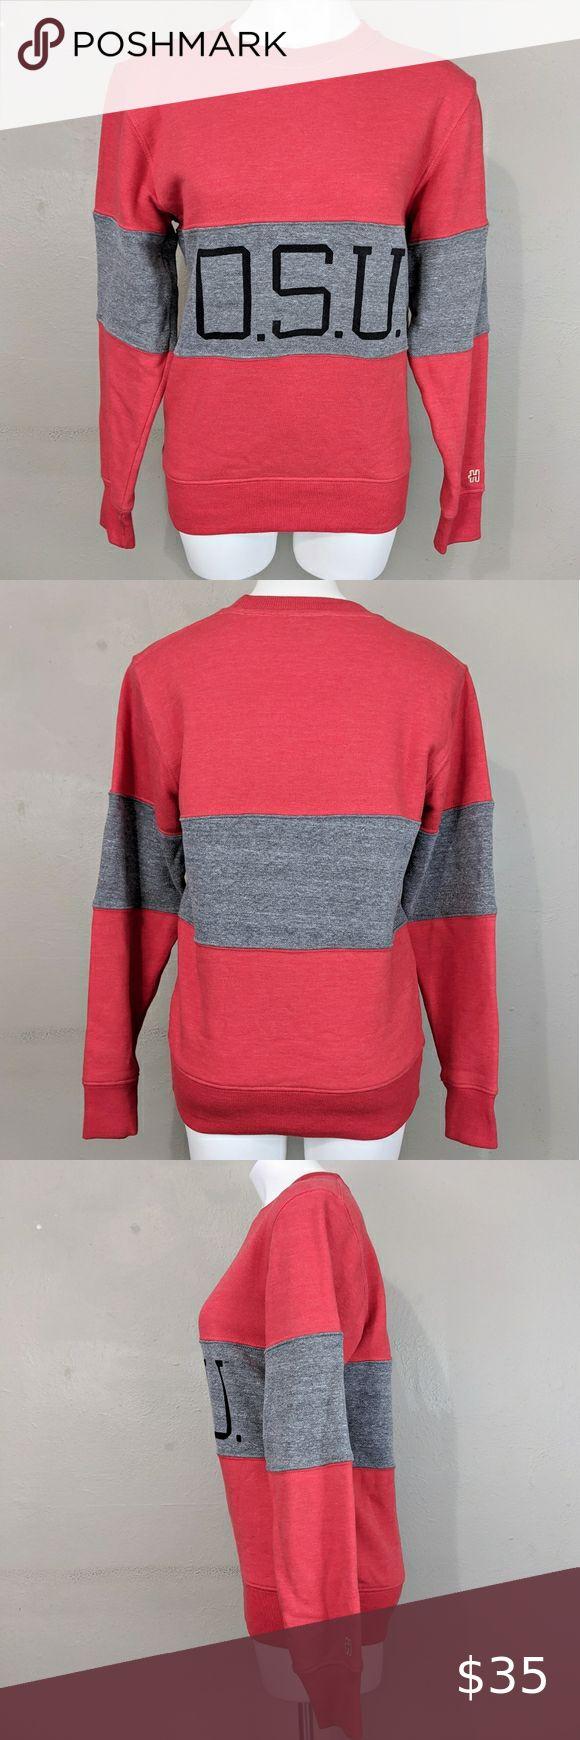 Homage Retro Look Ohio State University Sweatshirt Retro Look University Sweatshirts Homage Shirt [ 1740 x 580 Pixel ]